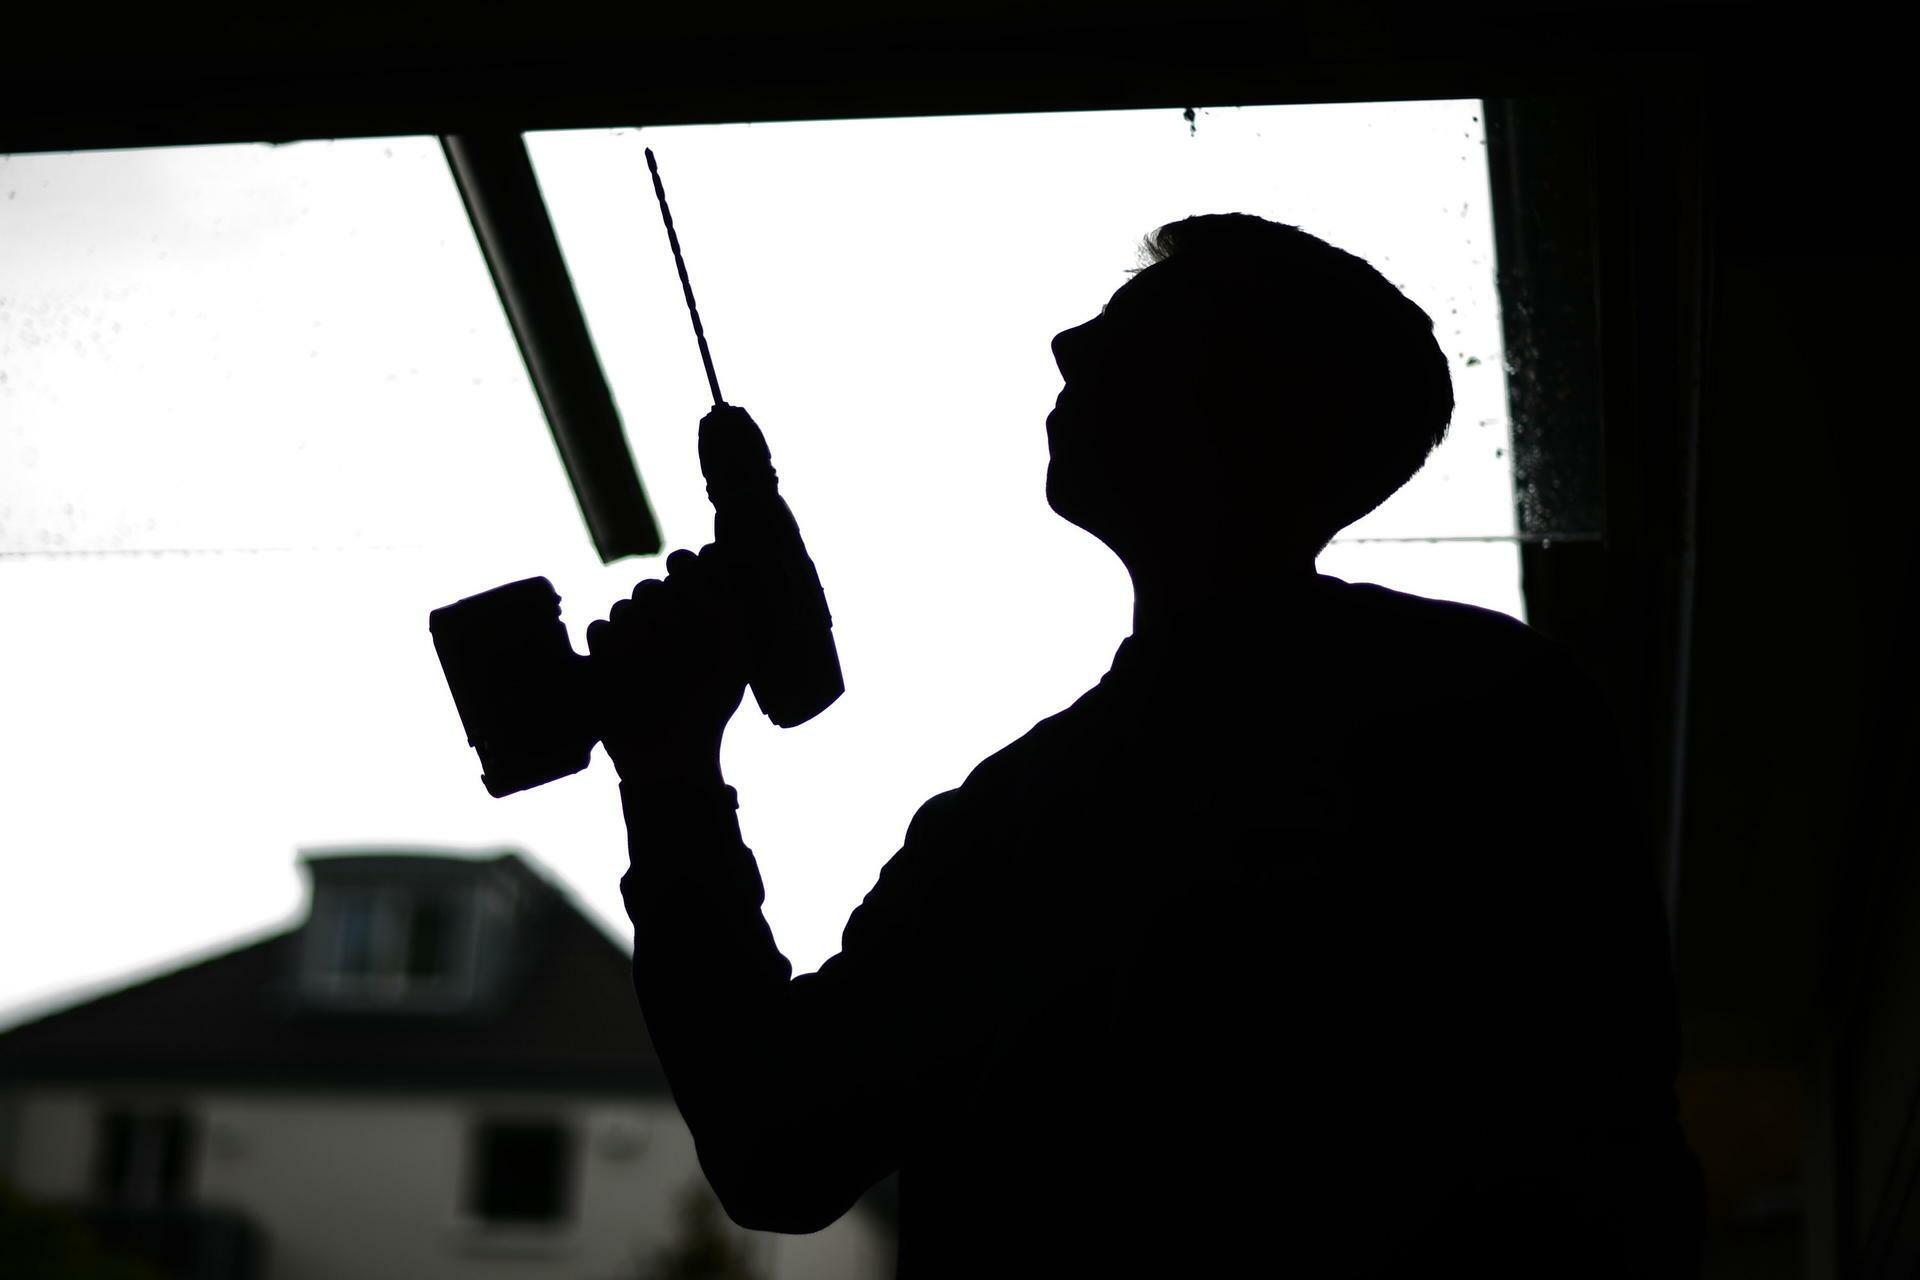 Immobilien Vermietung Kein Steuervorteil Bei Sanierungsstau